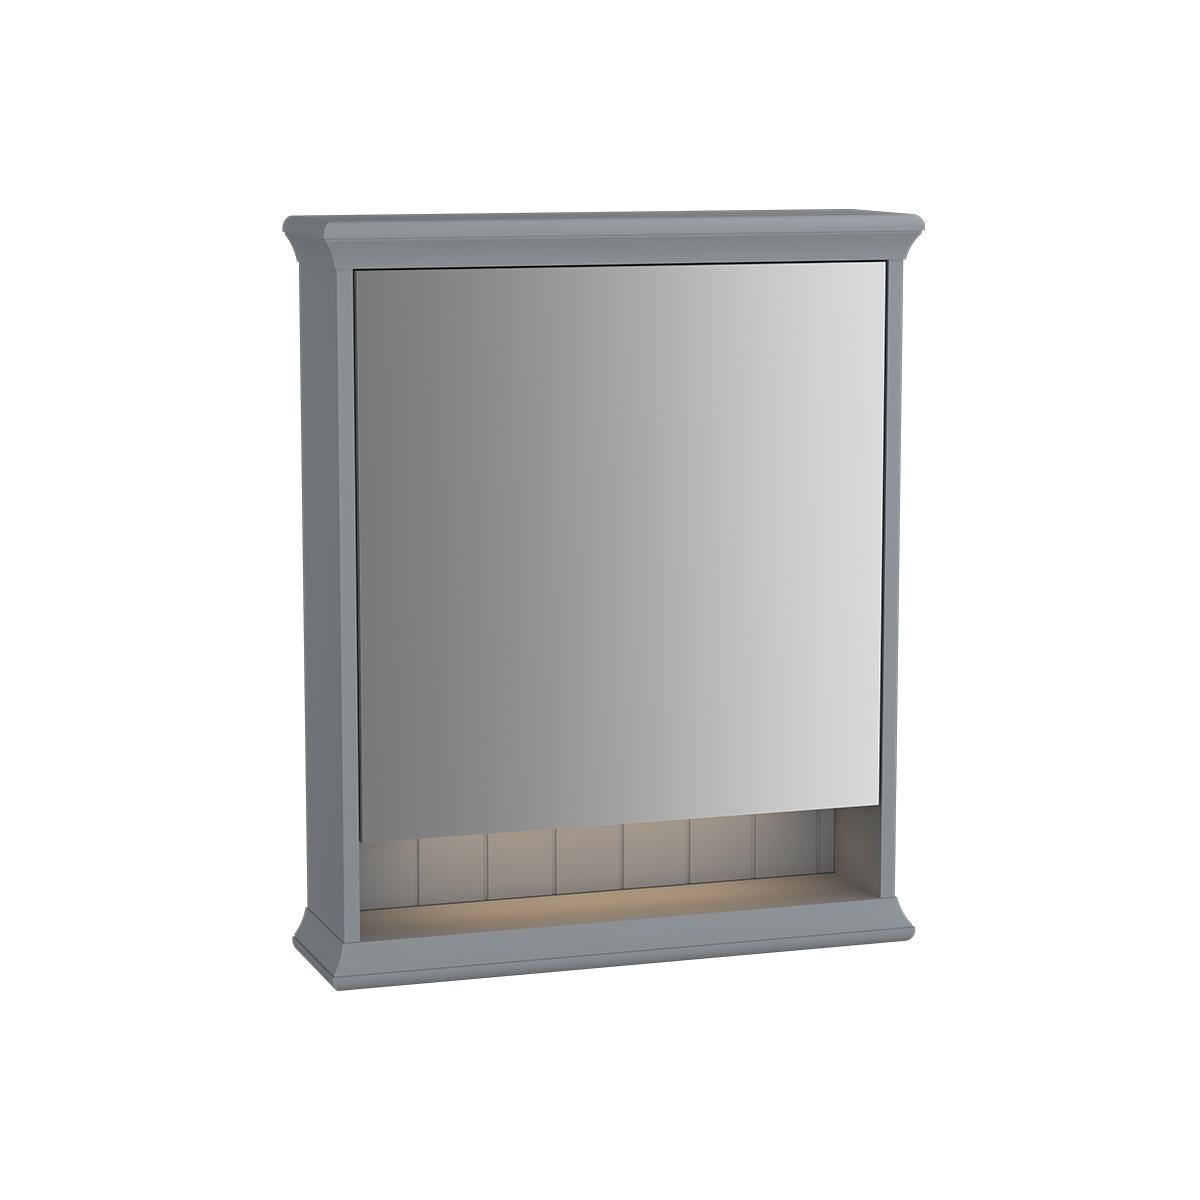 Valarte armoire de toilette, 65 cm, gris mat, porte à droite